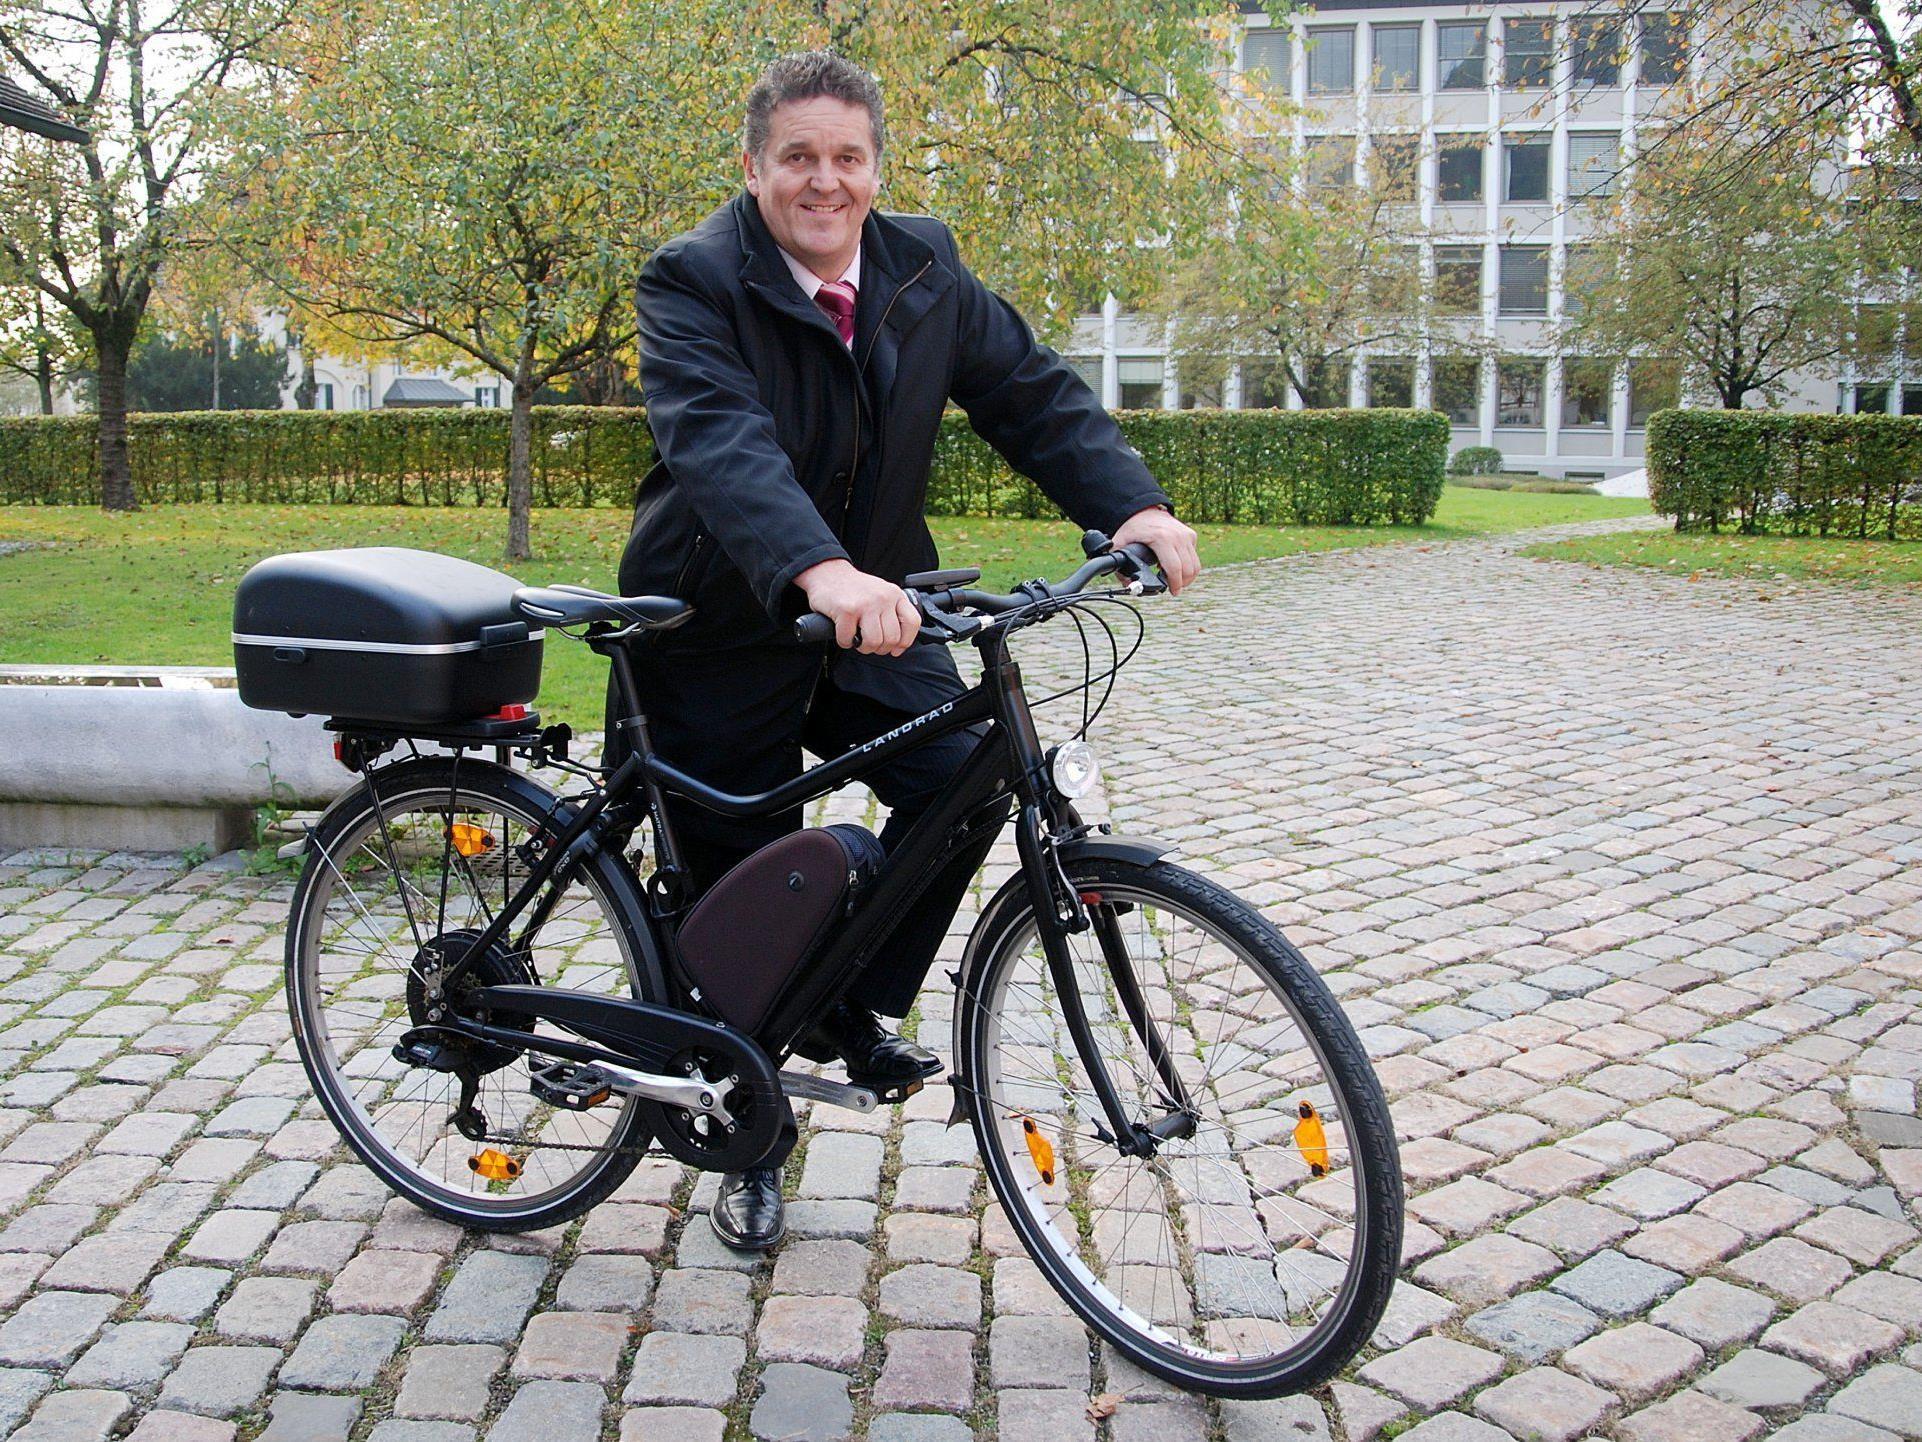 Bgm. Christian Natter legt fast alle Wege mit dem Fahrrad oder wie hier mit dem E-Bike zurück.